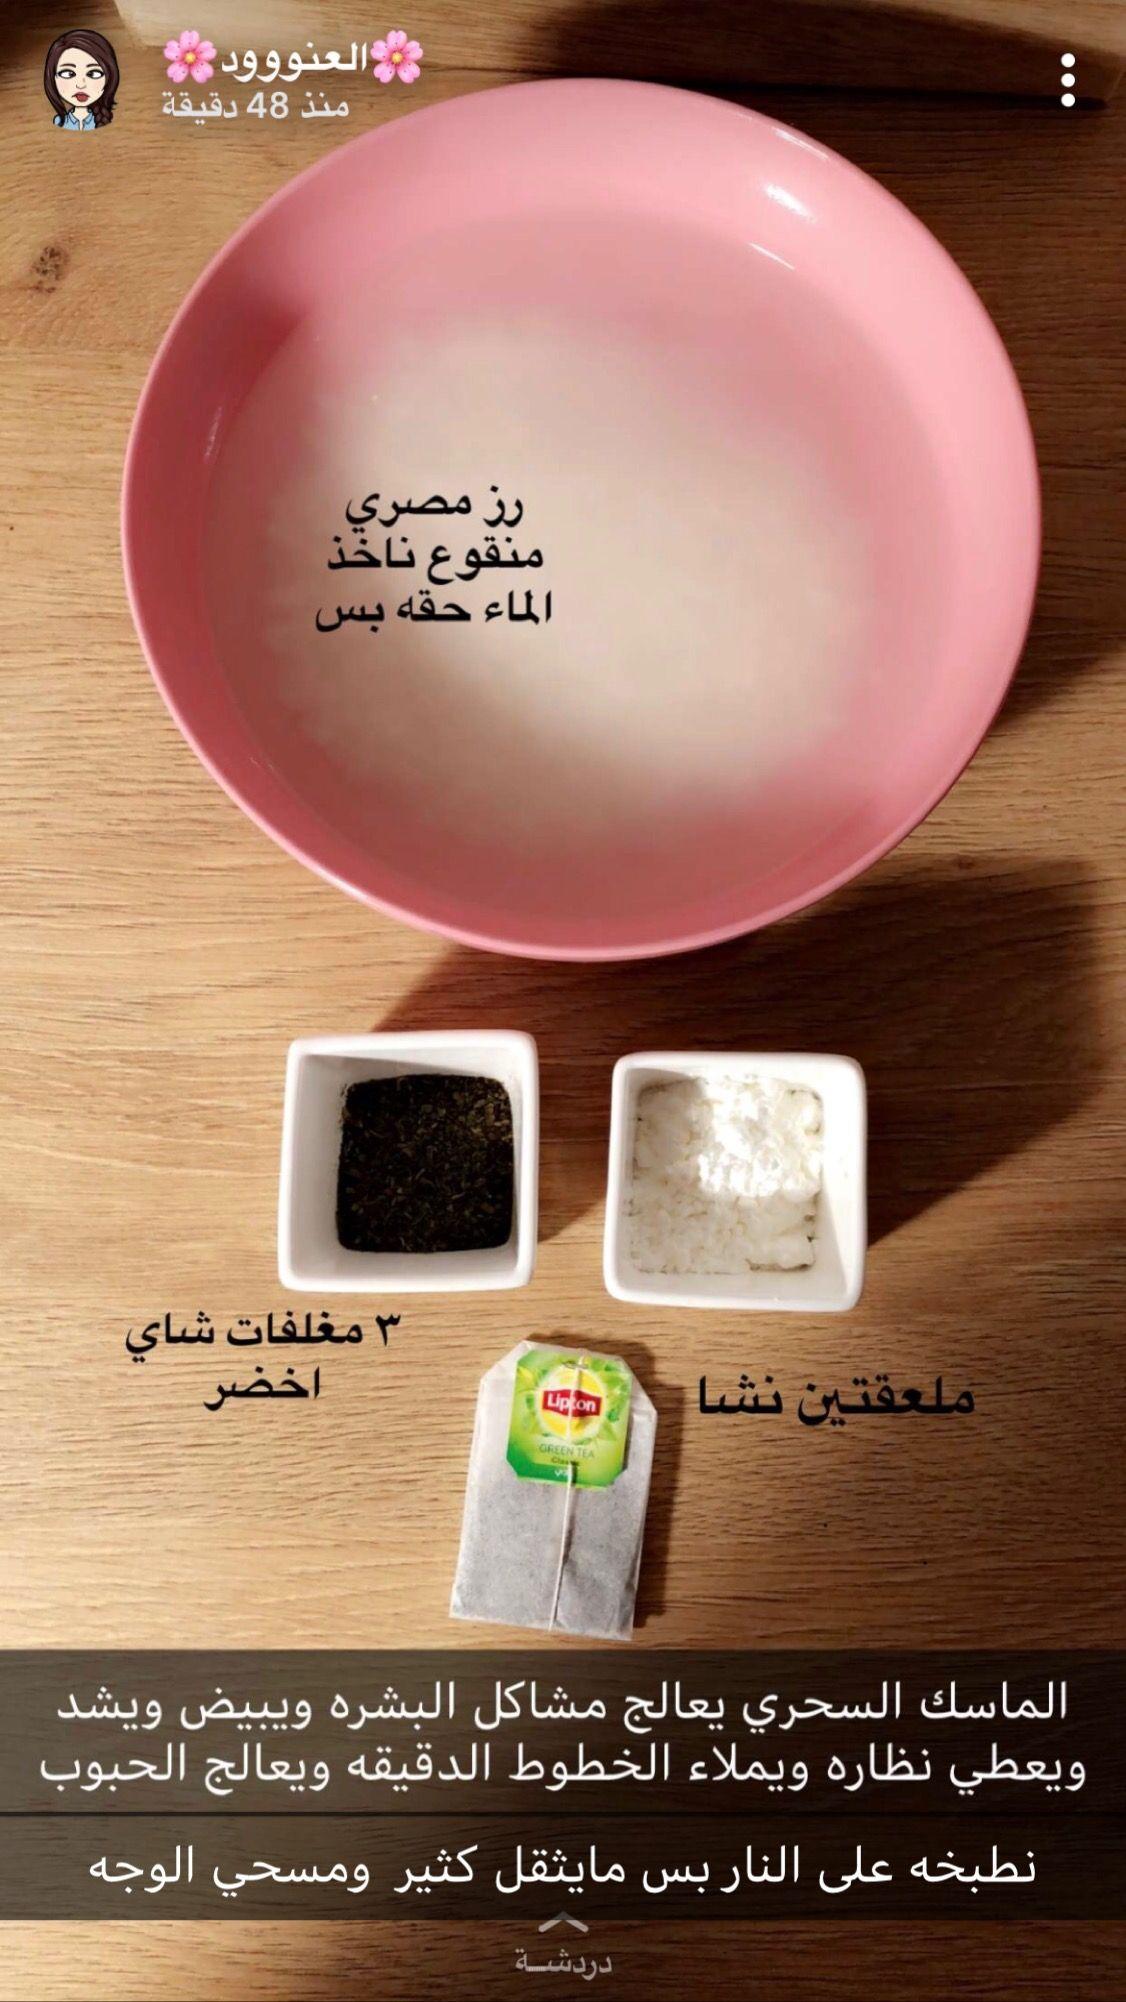 Pin By Aya Salah On عناية Natural Skin Care Diy Skin Care Diy Masks Pretty Skin Care